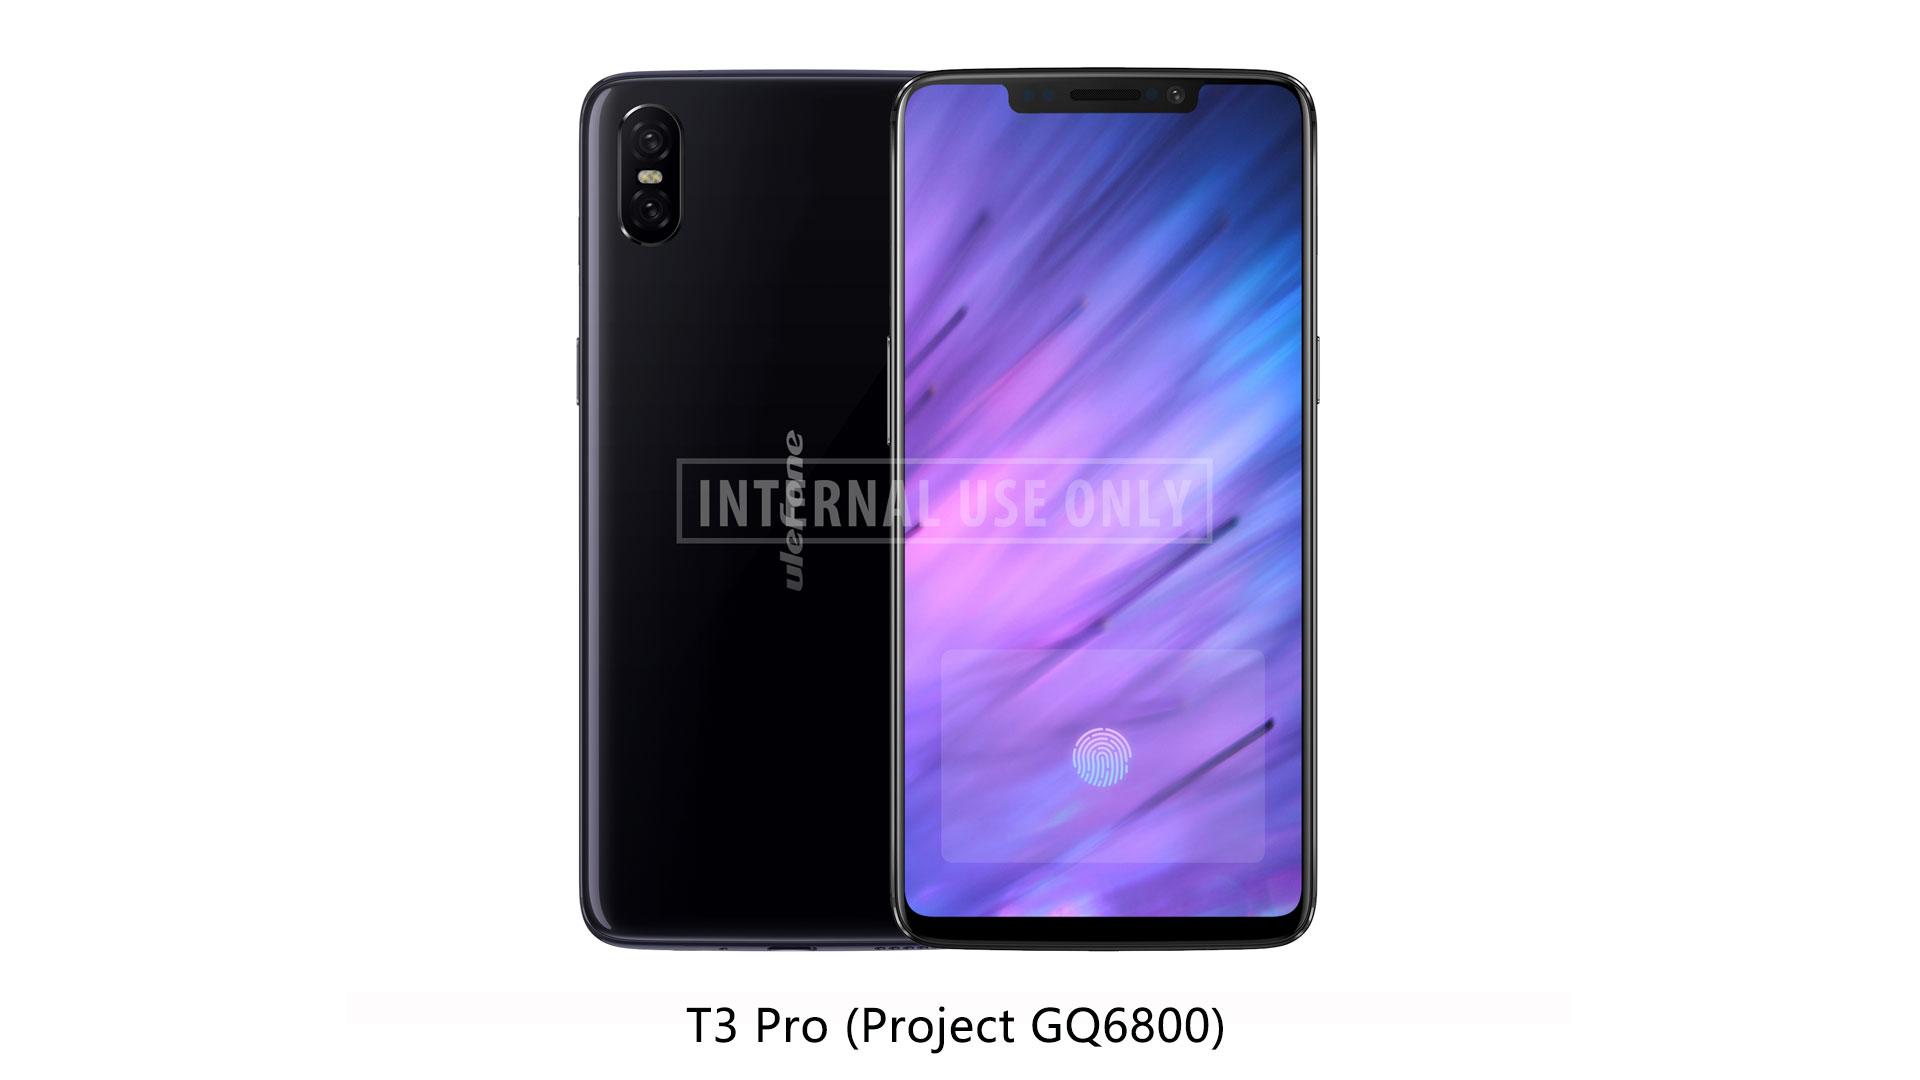 Ulefone T3 Pro